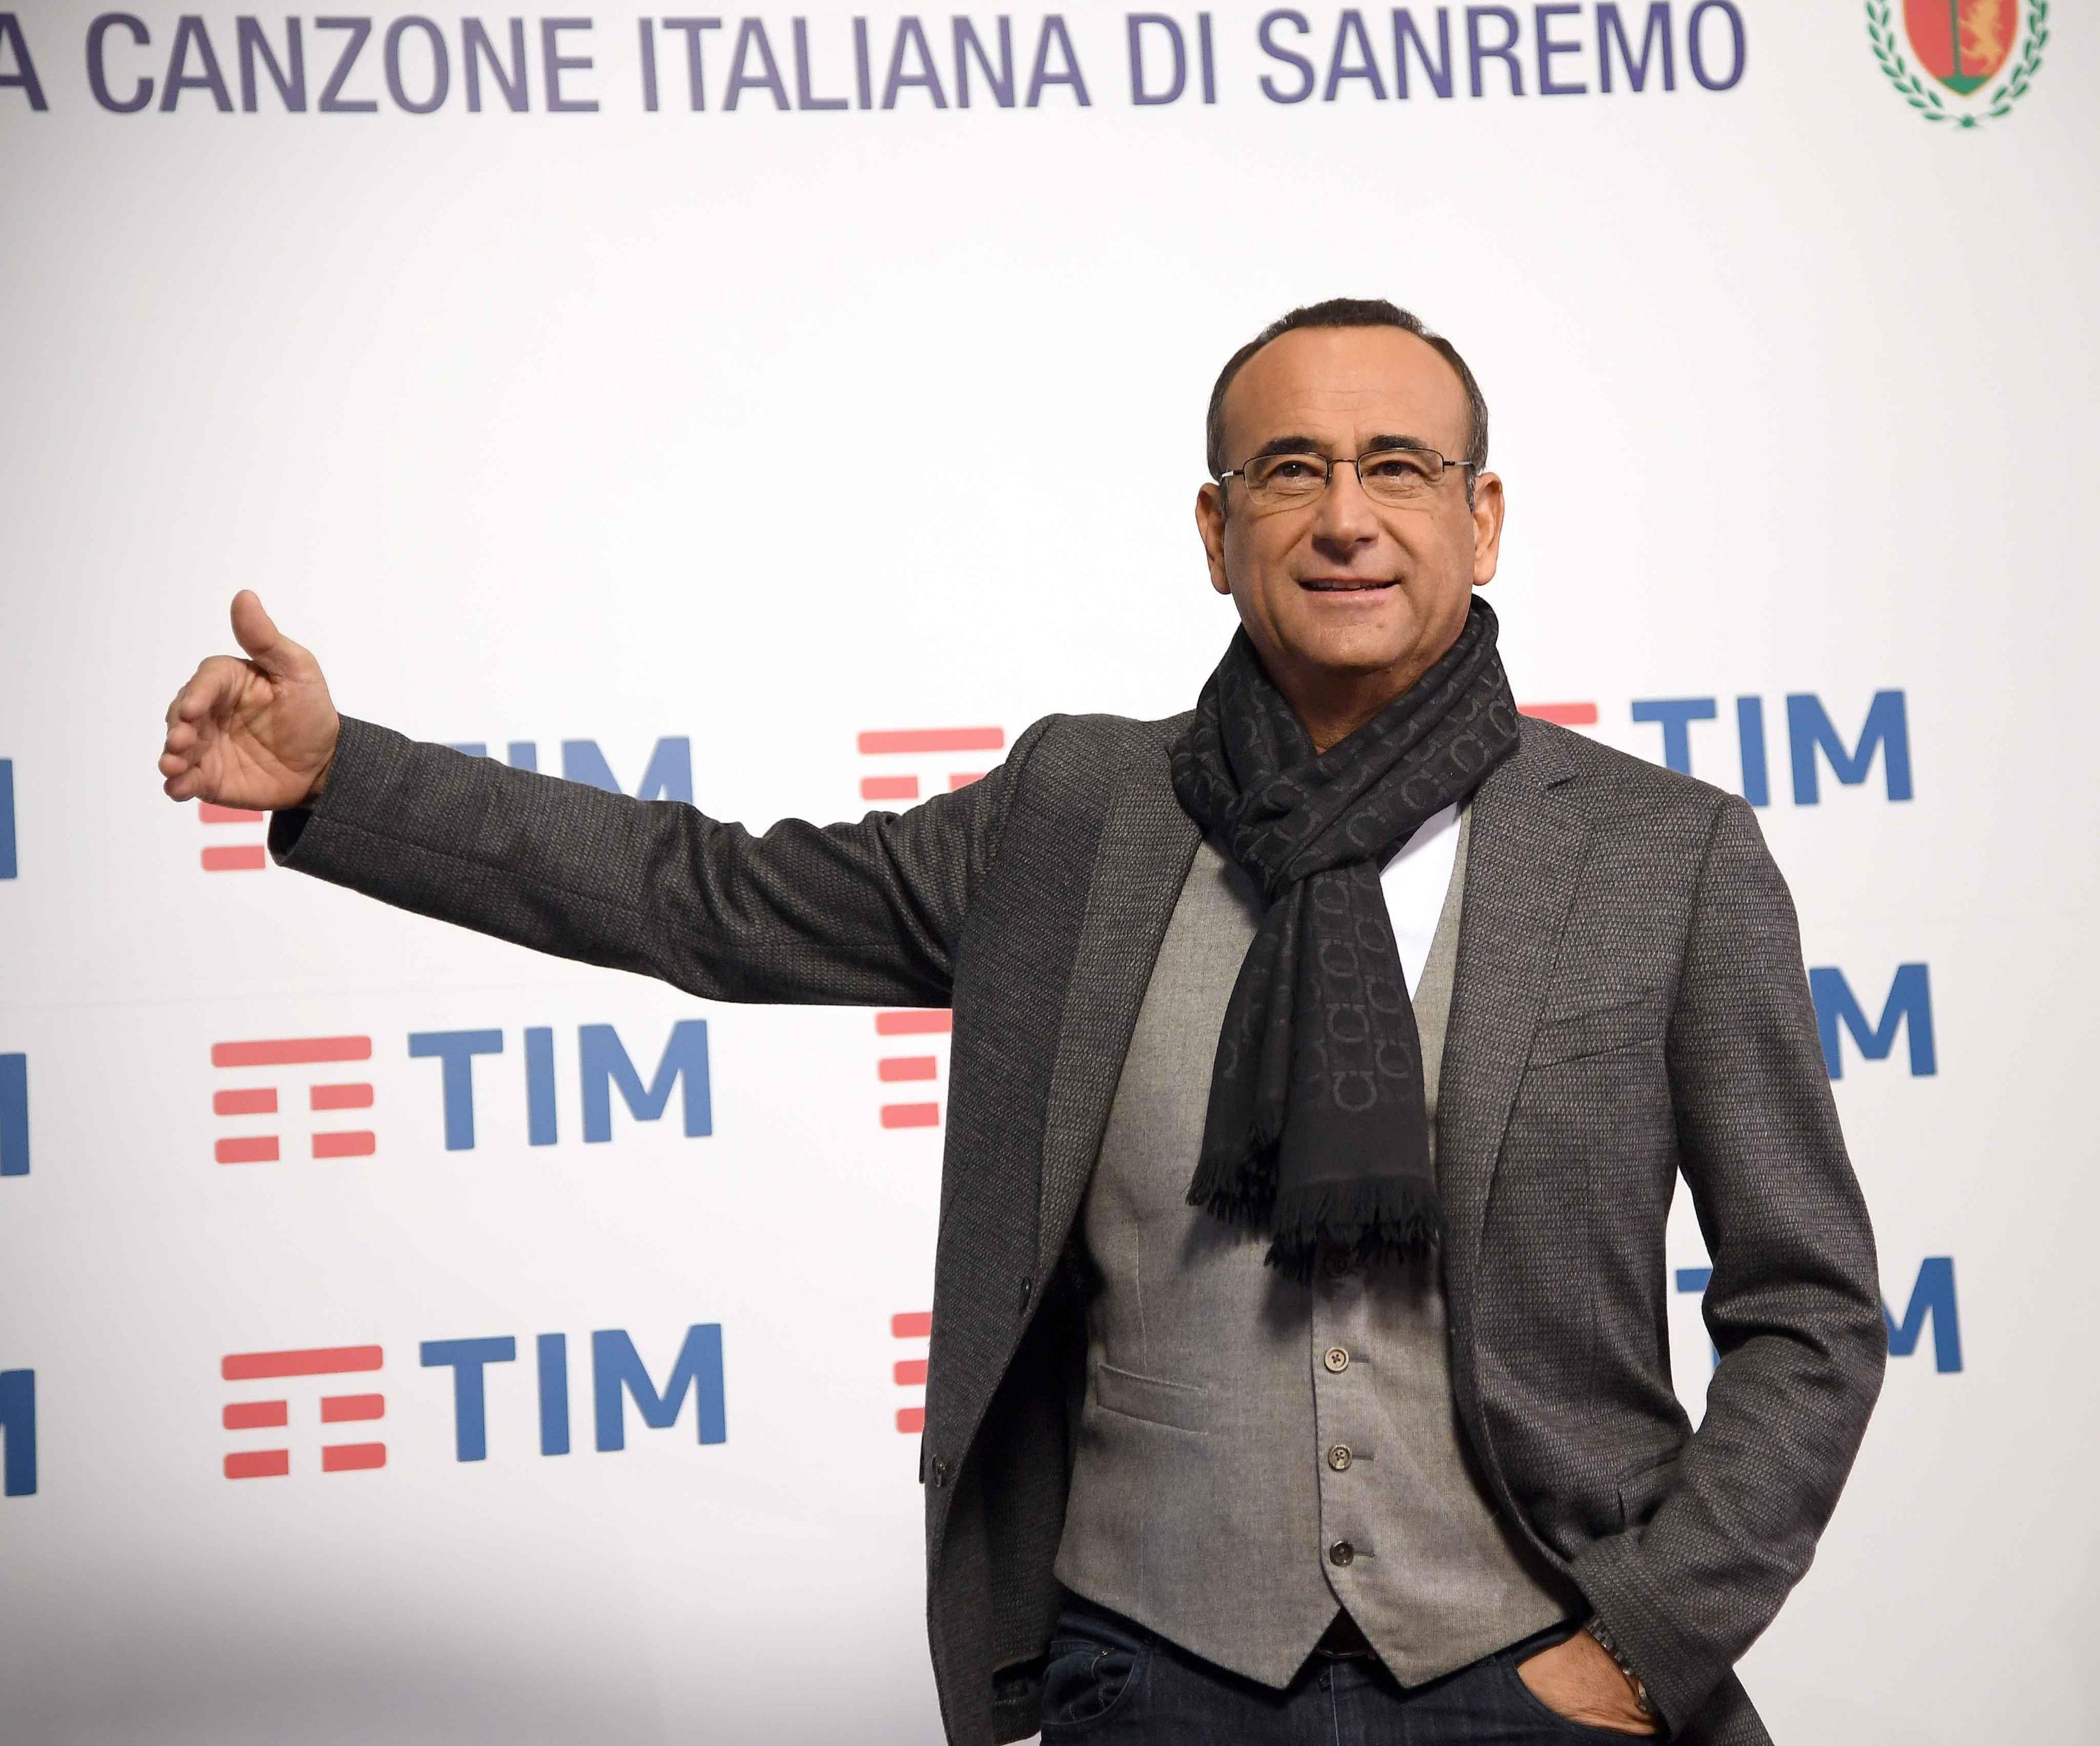 Festival di Sanremo 2018 a Carlo Conti: bocciati Fabrizio Frizzi e Fabio Fazio